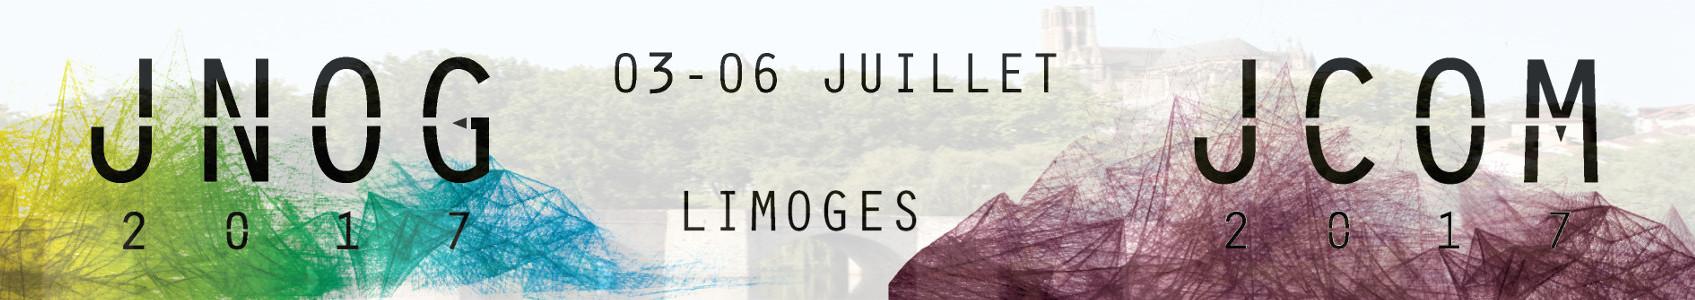 Du 3 au 6 juillet 2017, l'Optique sera mise à l'honneur dans la ville de Limoges ! La Capitale des Arts du Feu accueillera successivement la journée du Club Optique et Microondes (JCOM, le 03/07) puis les 37èmes Journées Nationales d'Optique Guidée (JNOG, du 04 au 06/07).